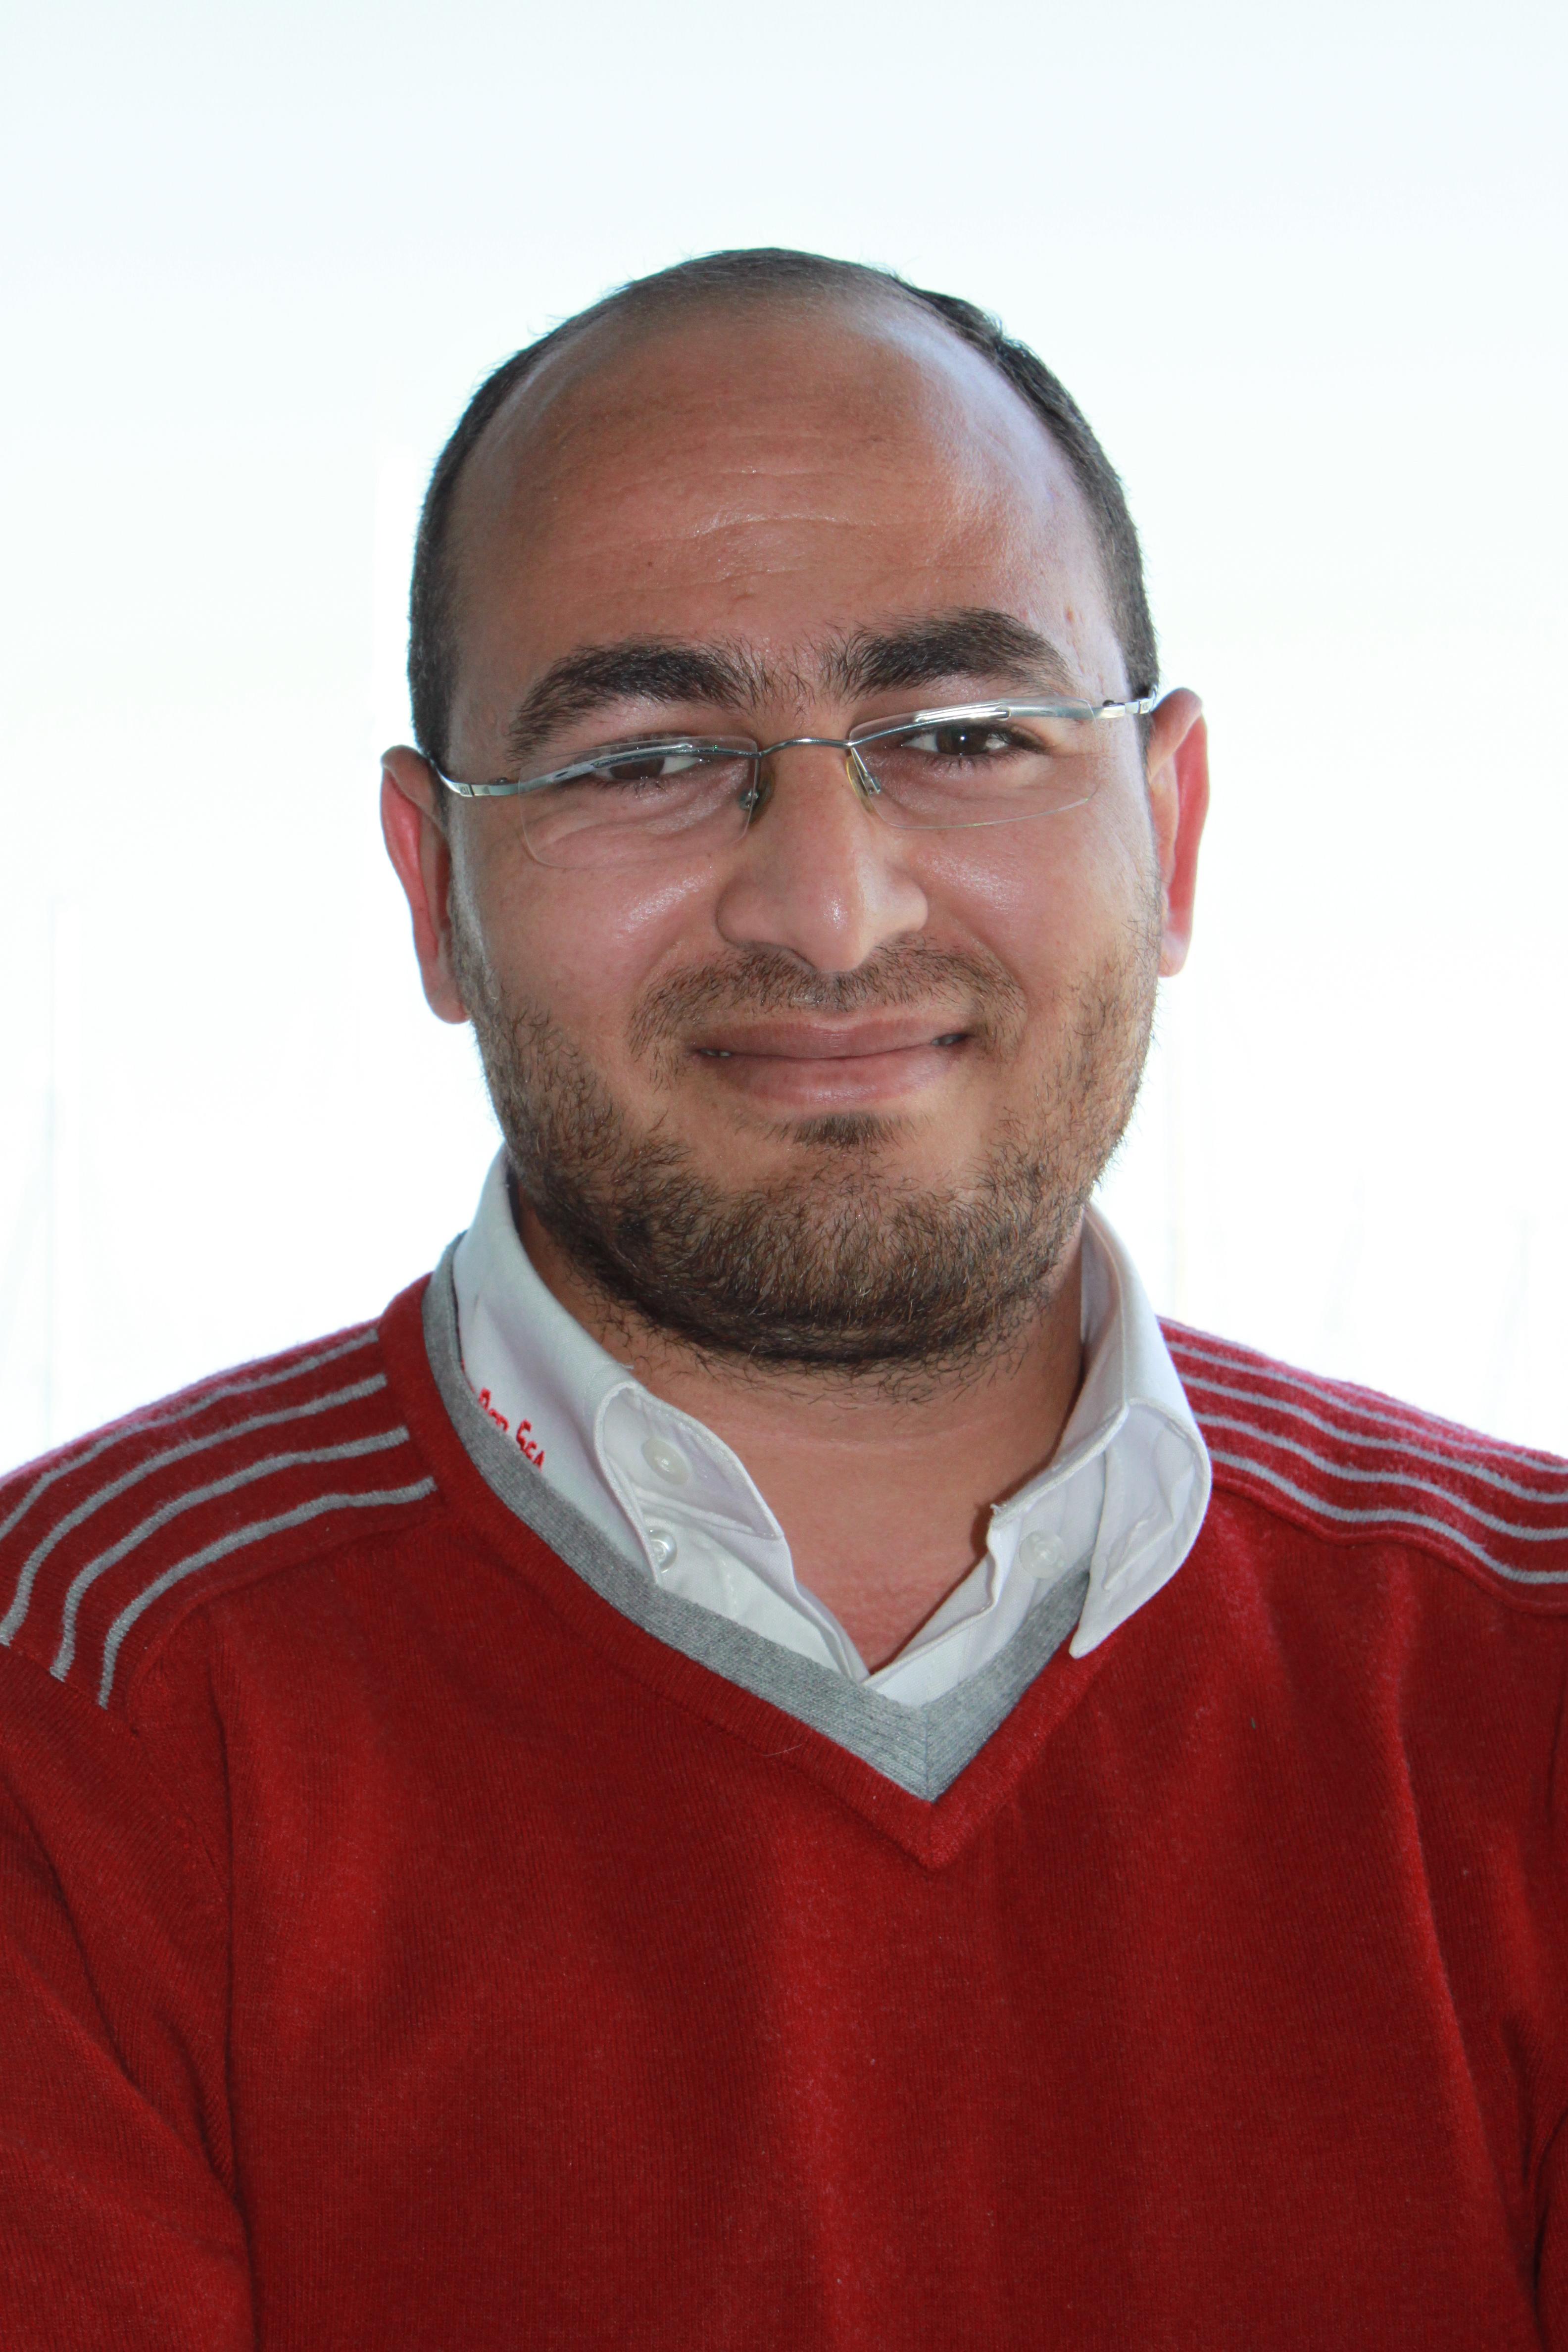 Khalil Mohamed Khalil El Sayed